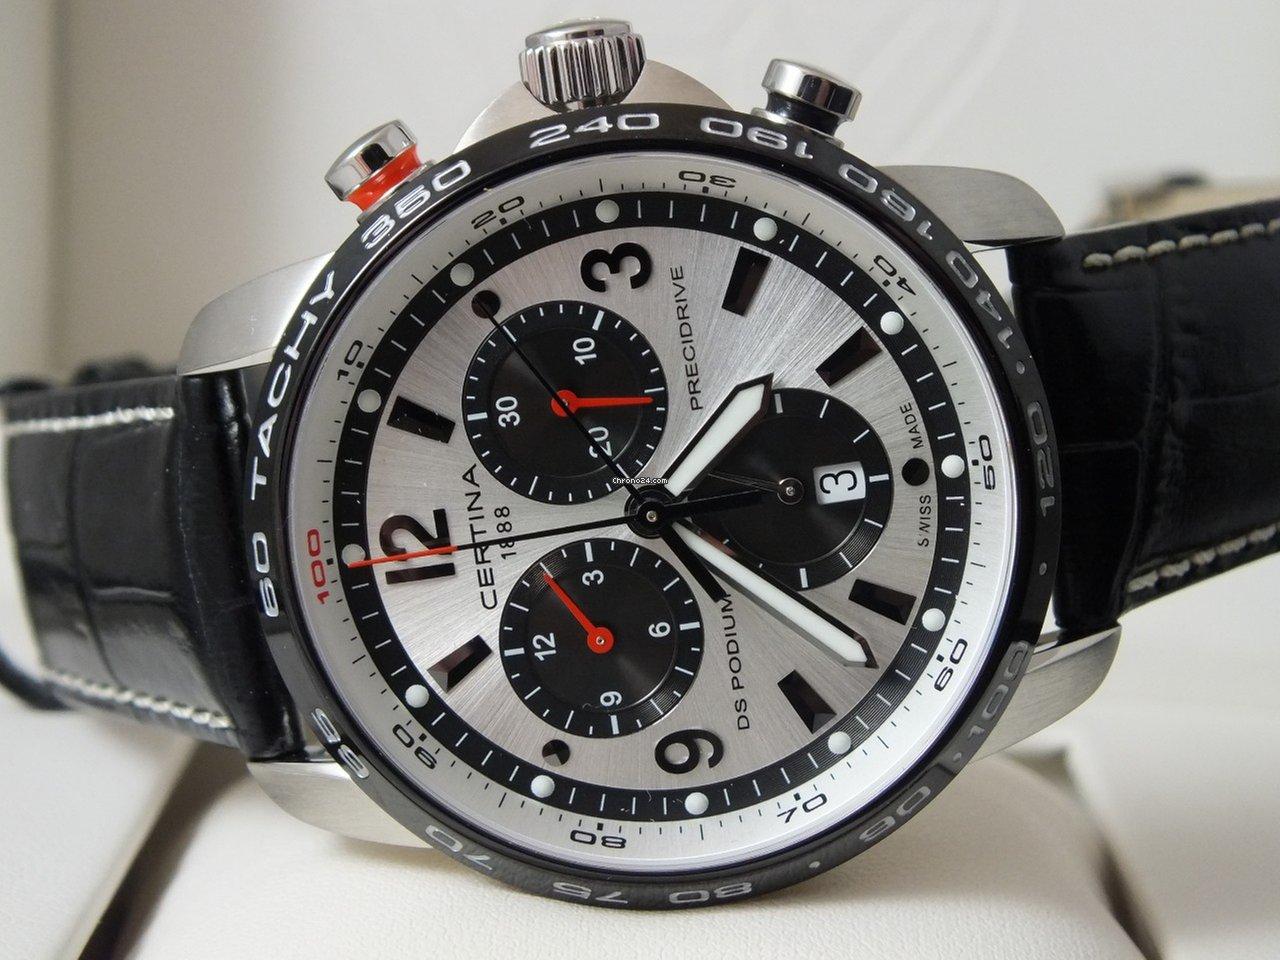 Поэтому в данной статье мы расскажем вам о самых известных марках швейцарских часов, а также поговорим об их рейтинге.